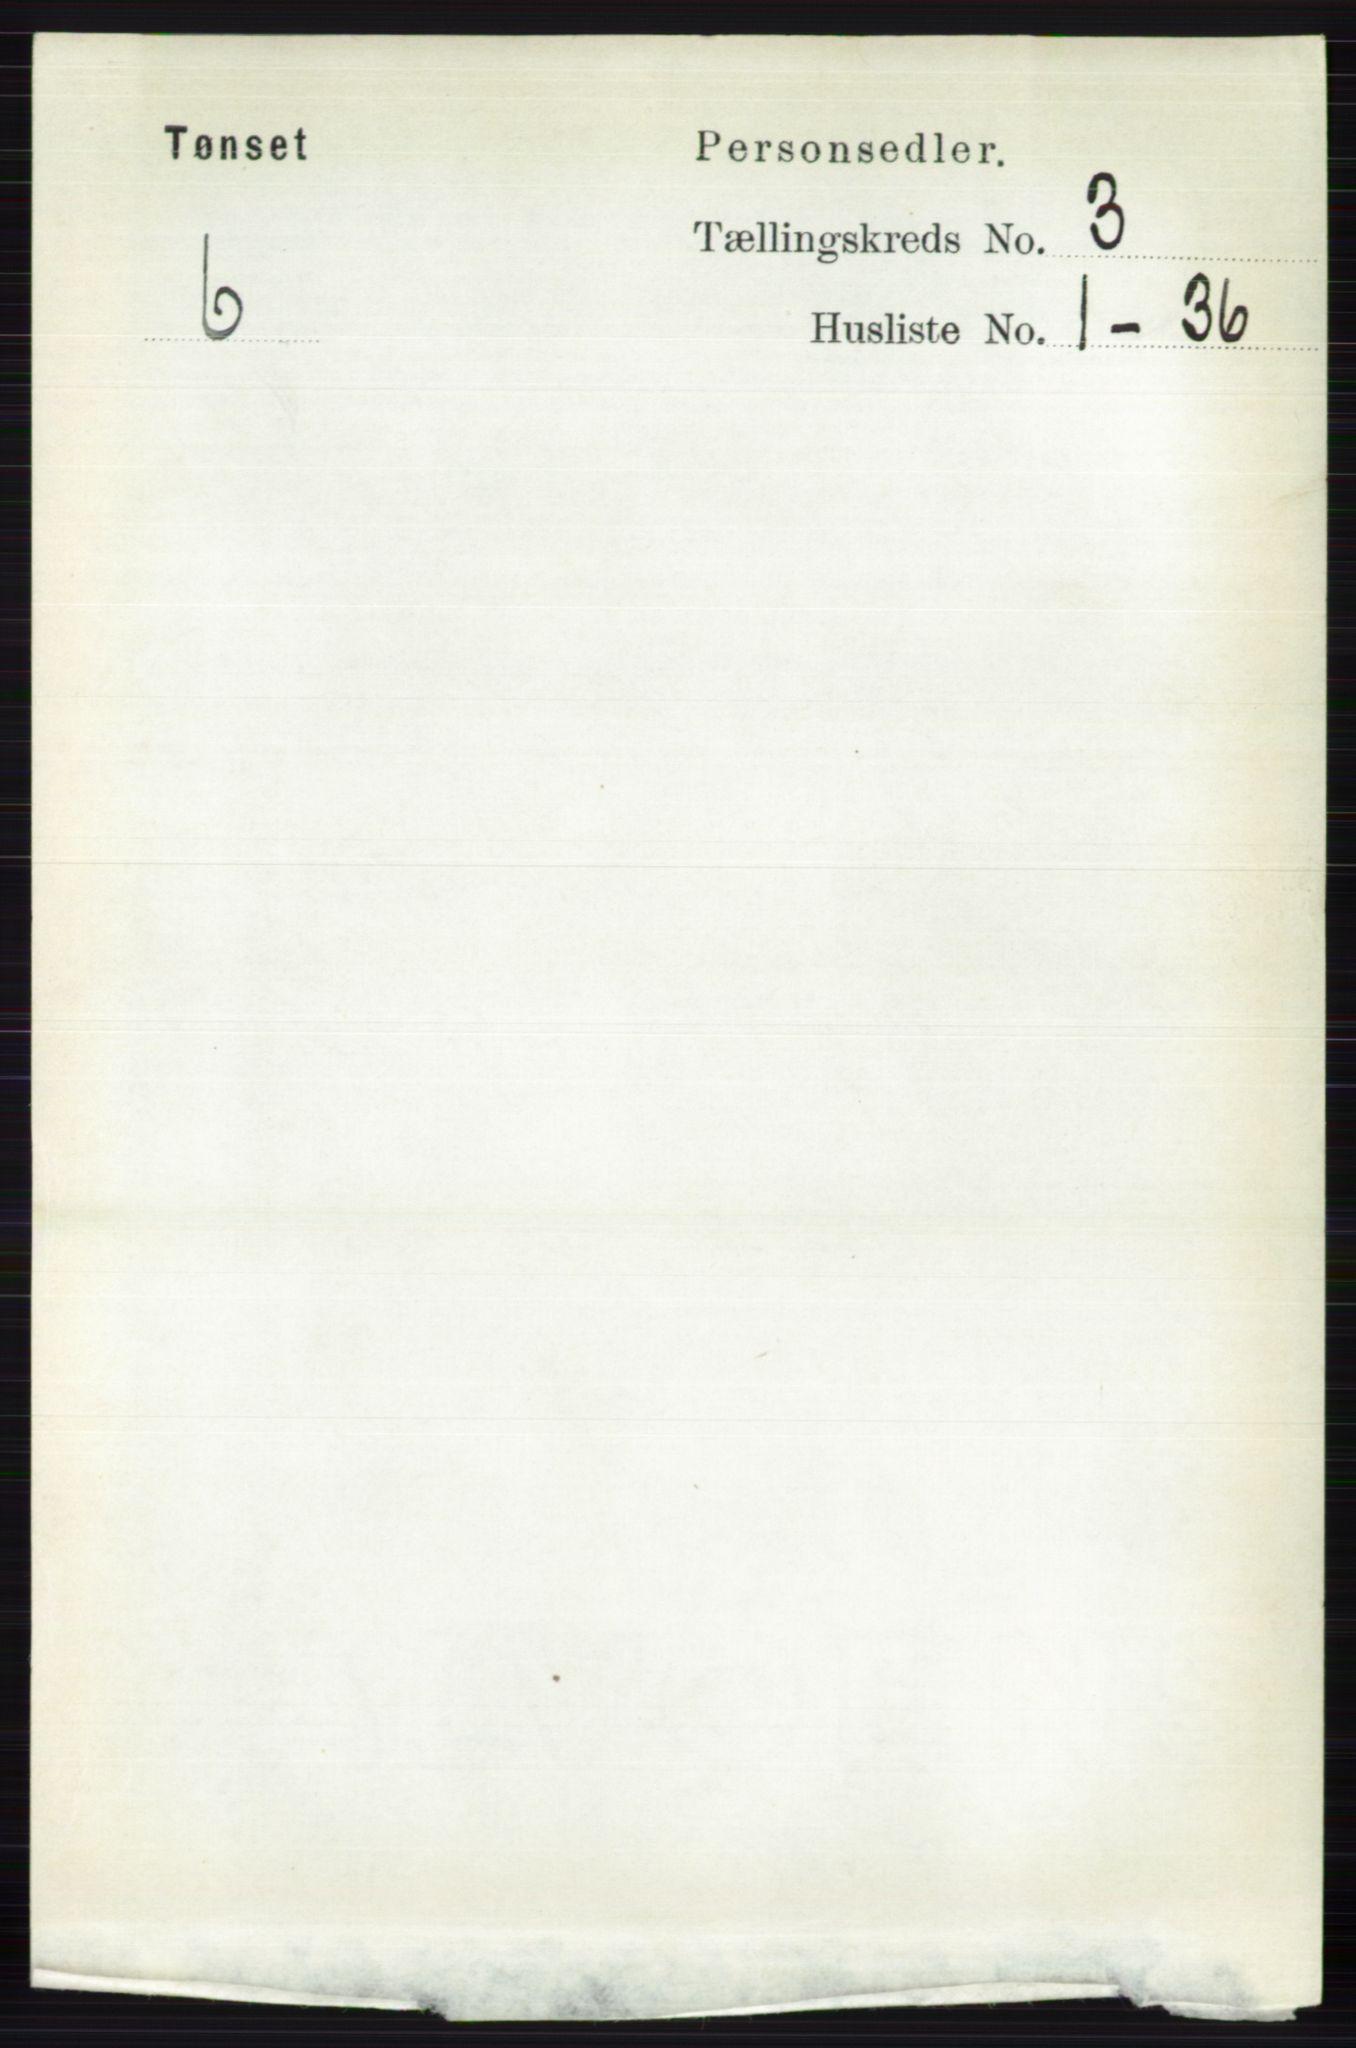 RA, Folketelling 1891 for 0437 Tynset herred, 1891, s. 581